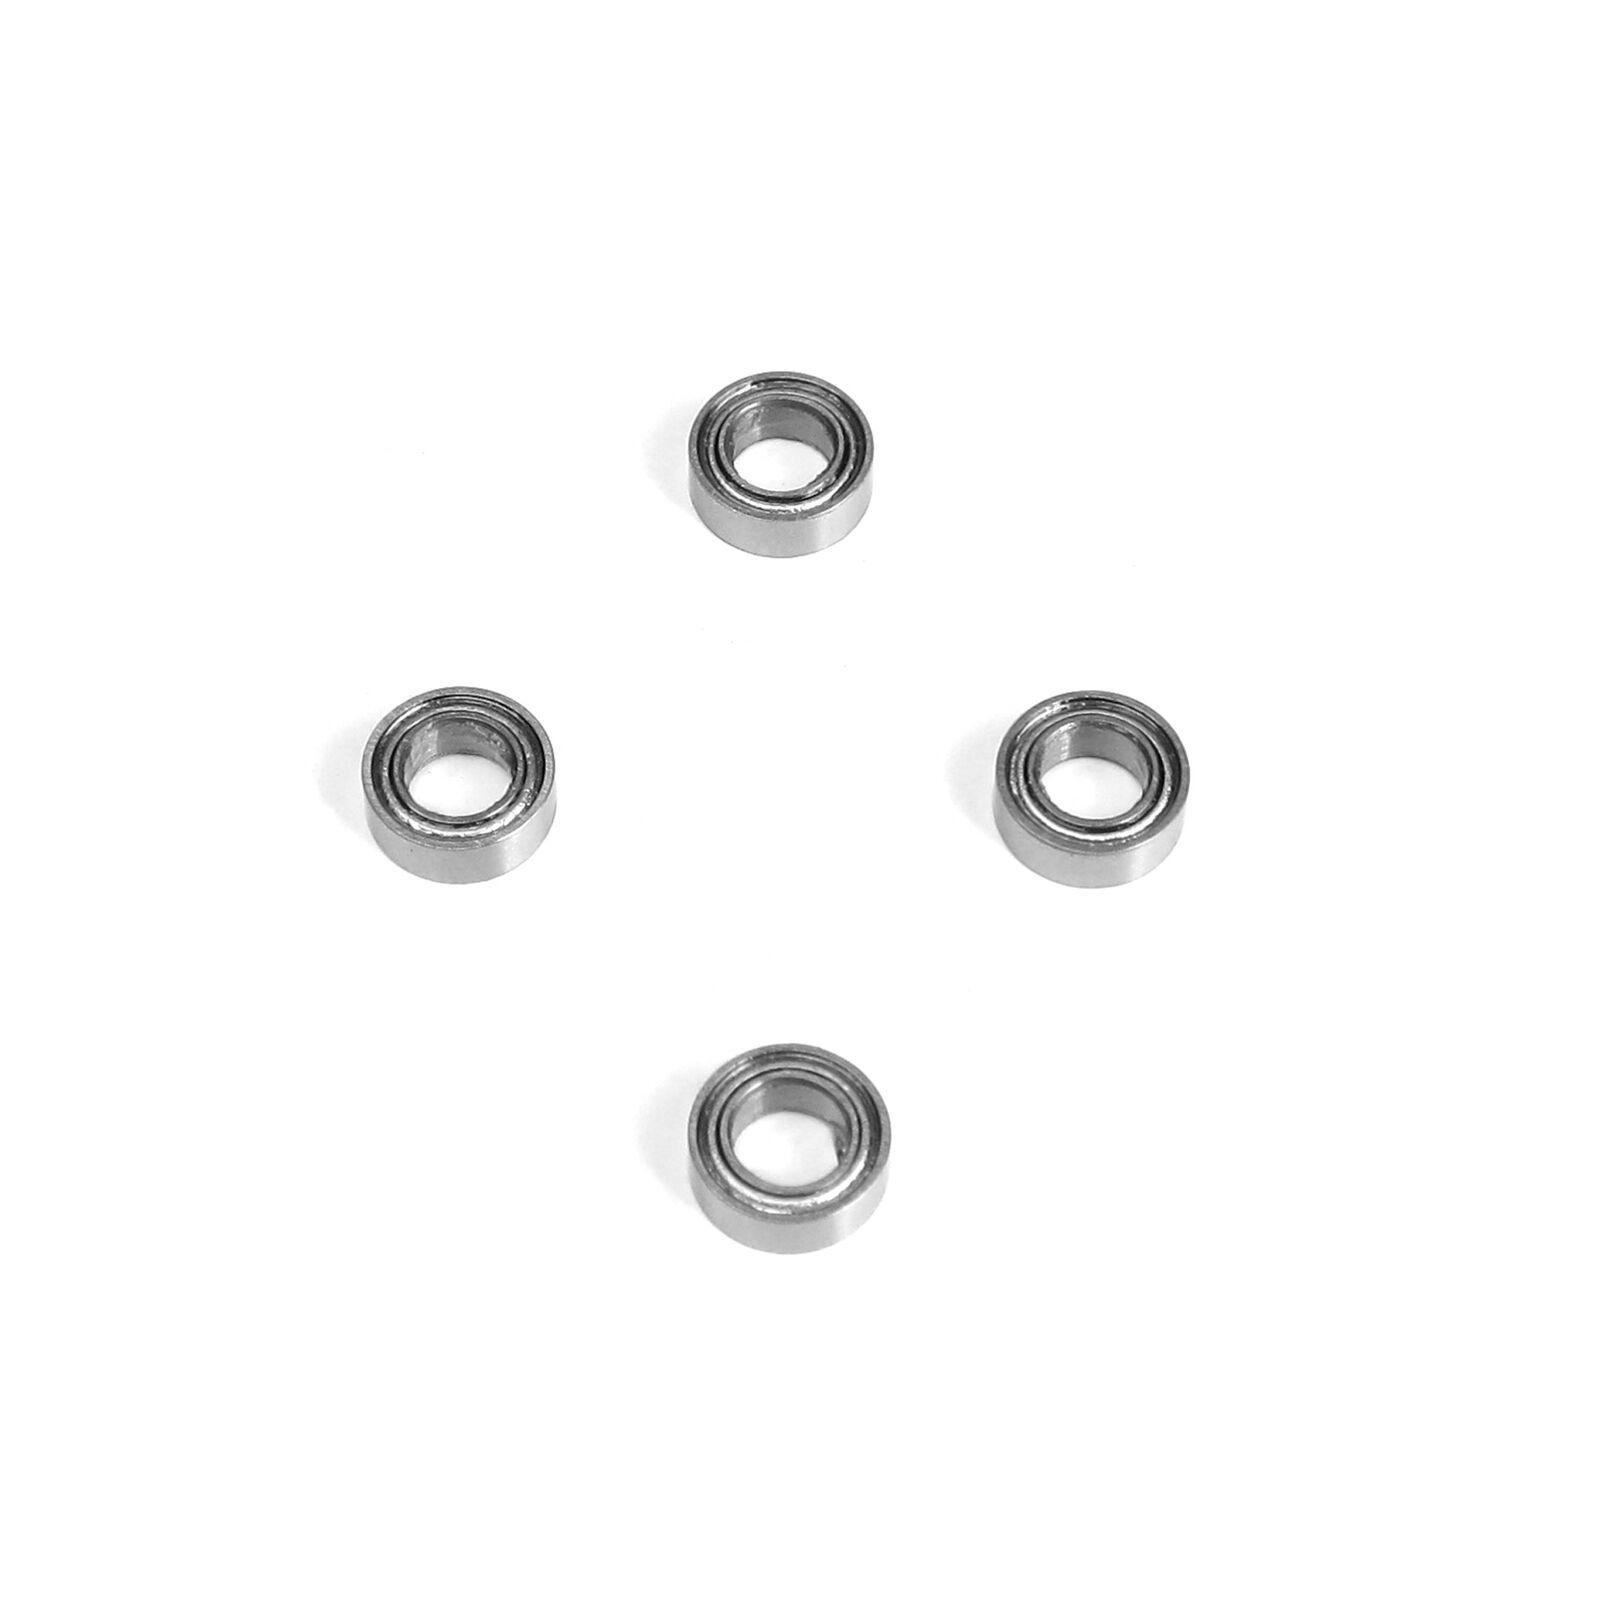 Ball Bearings 4x7x2.5mm (4)